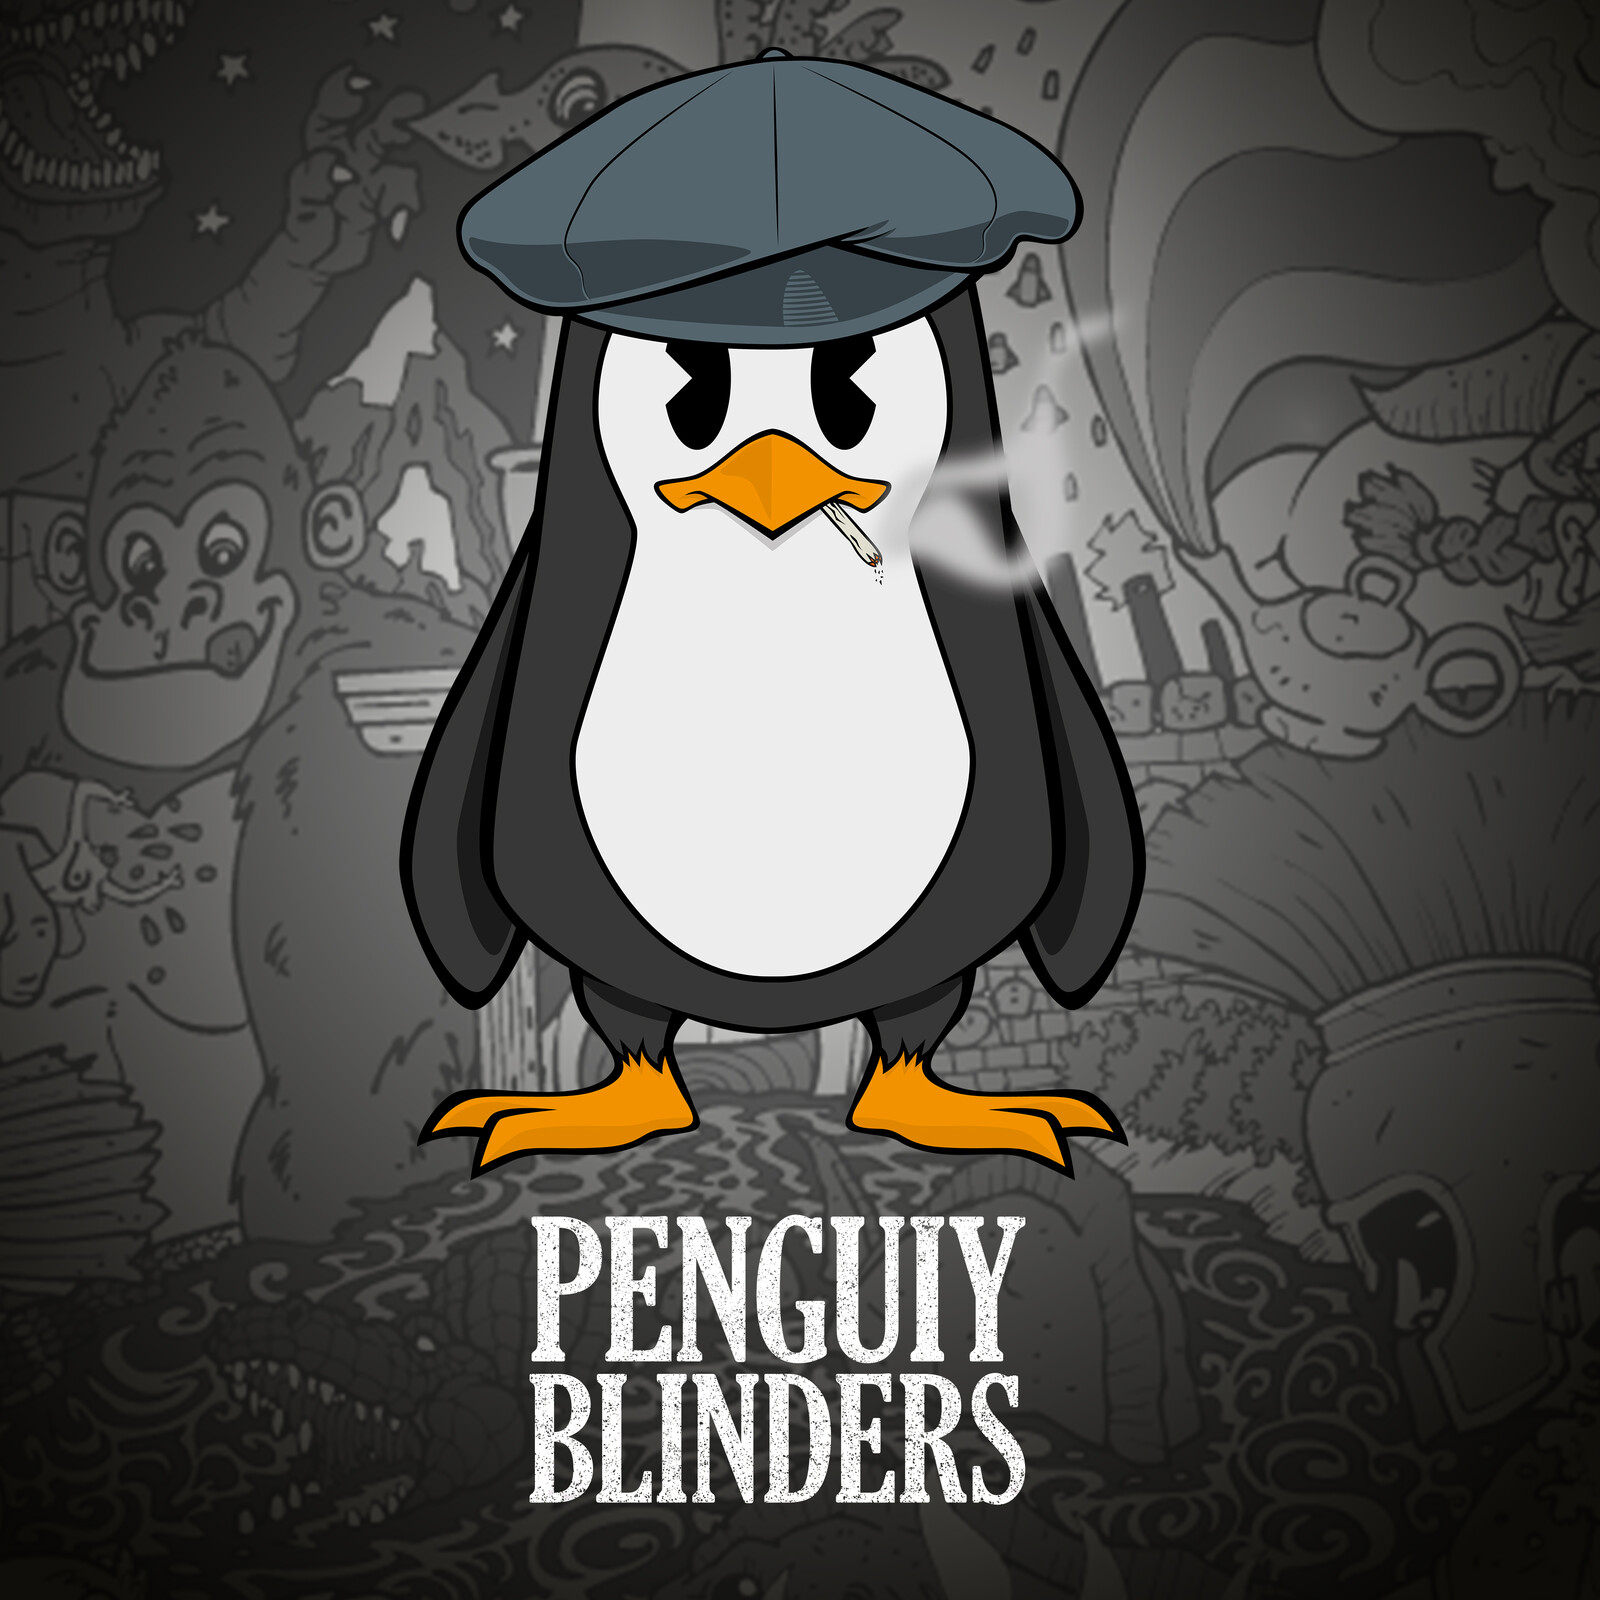 Penguiy Blinders - Peaky Blinders TV